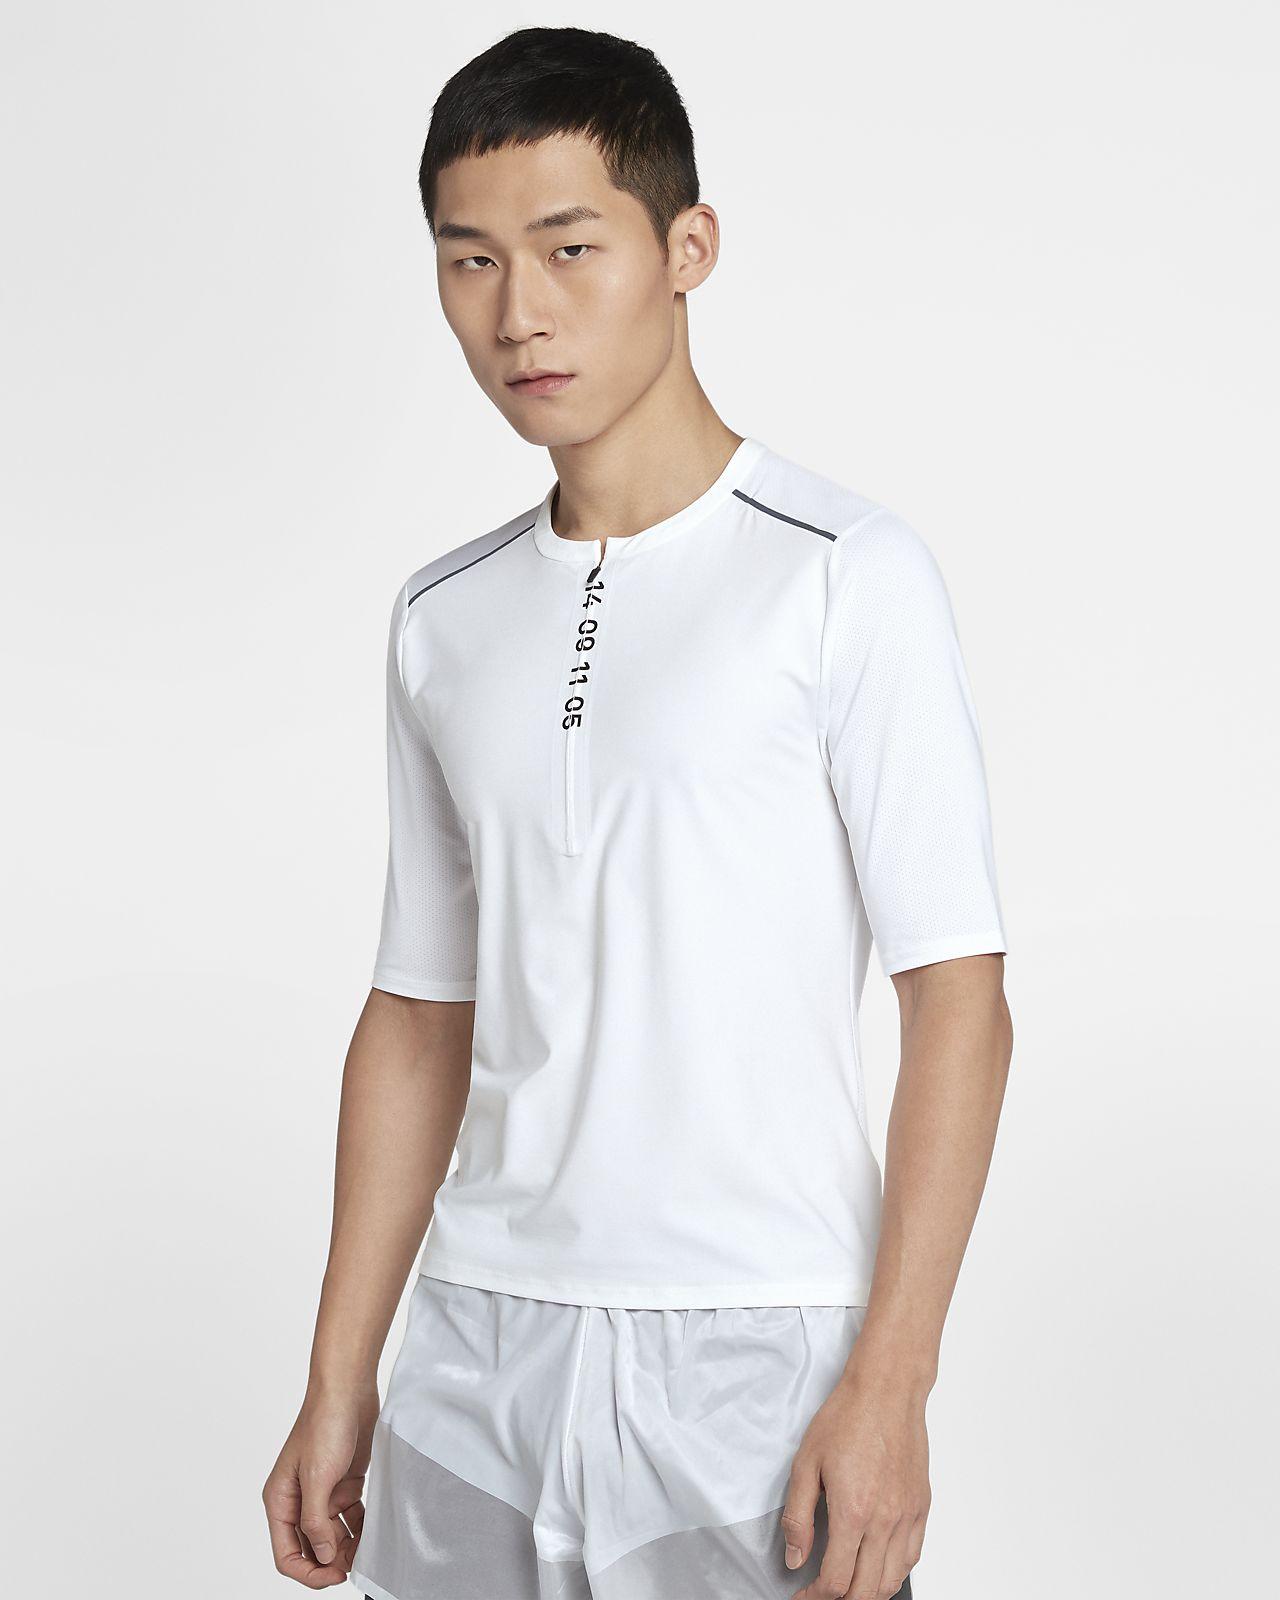 เสื้อวิ่งแขนสั้นซิปสั้นผู้ชาย Nike Tech